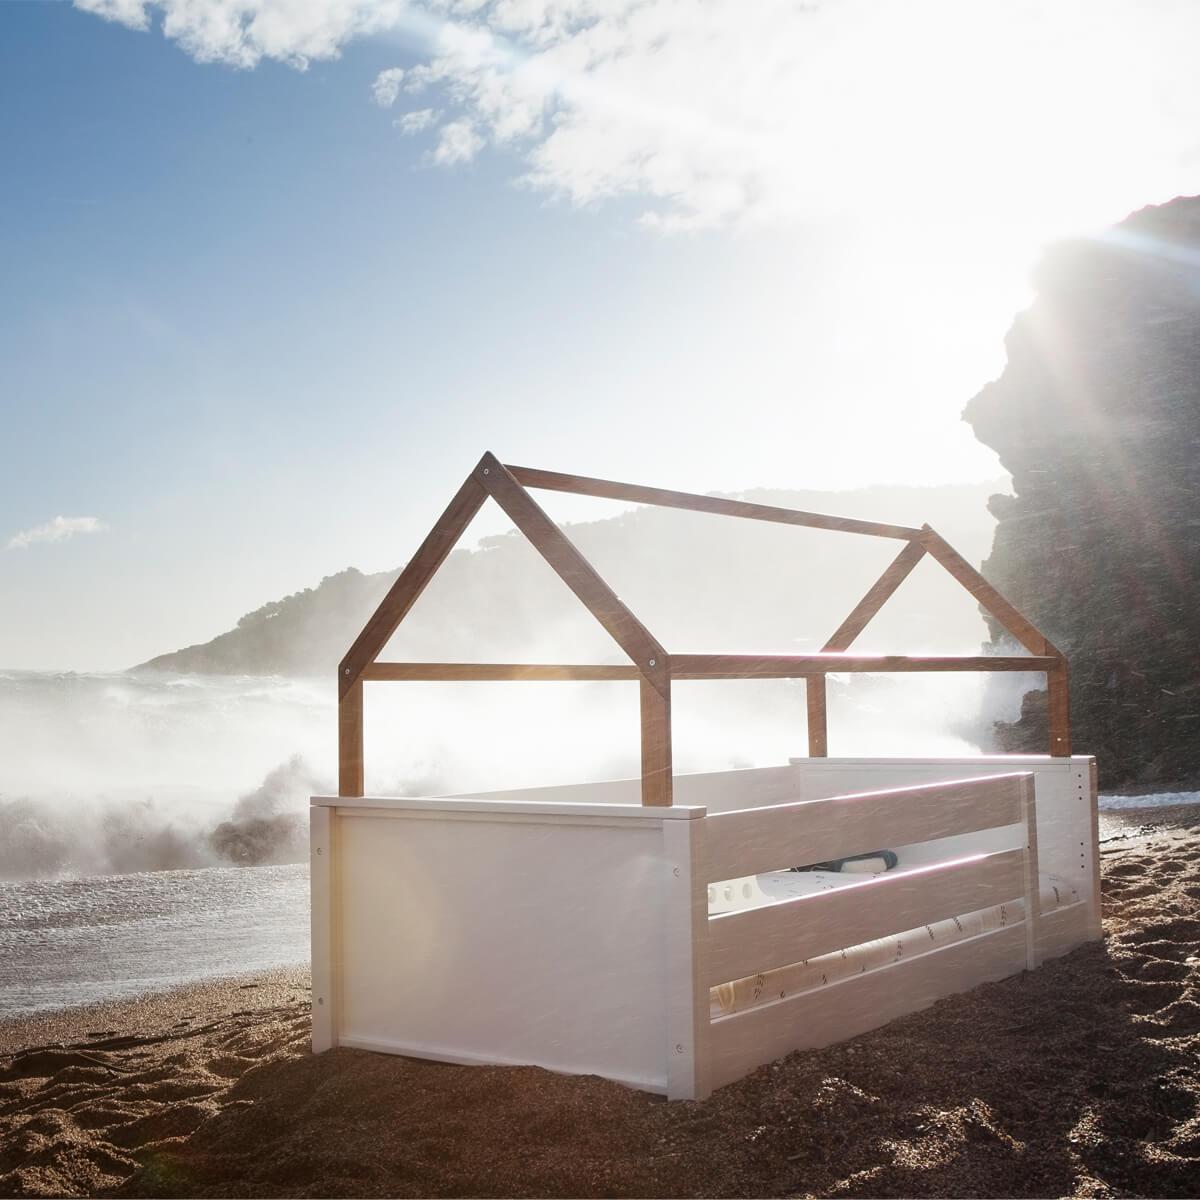 Lit cabane-montessori barrière double KASVA hêtre massif laqué blanc-placage chêne huilé